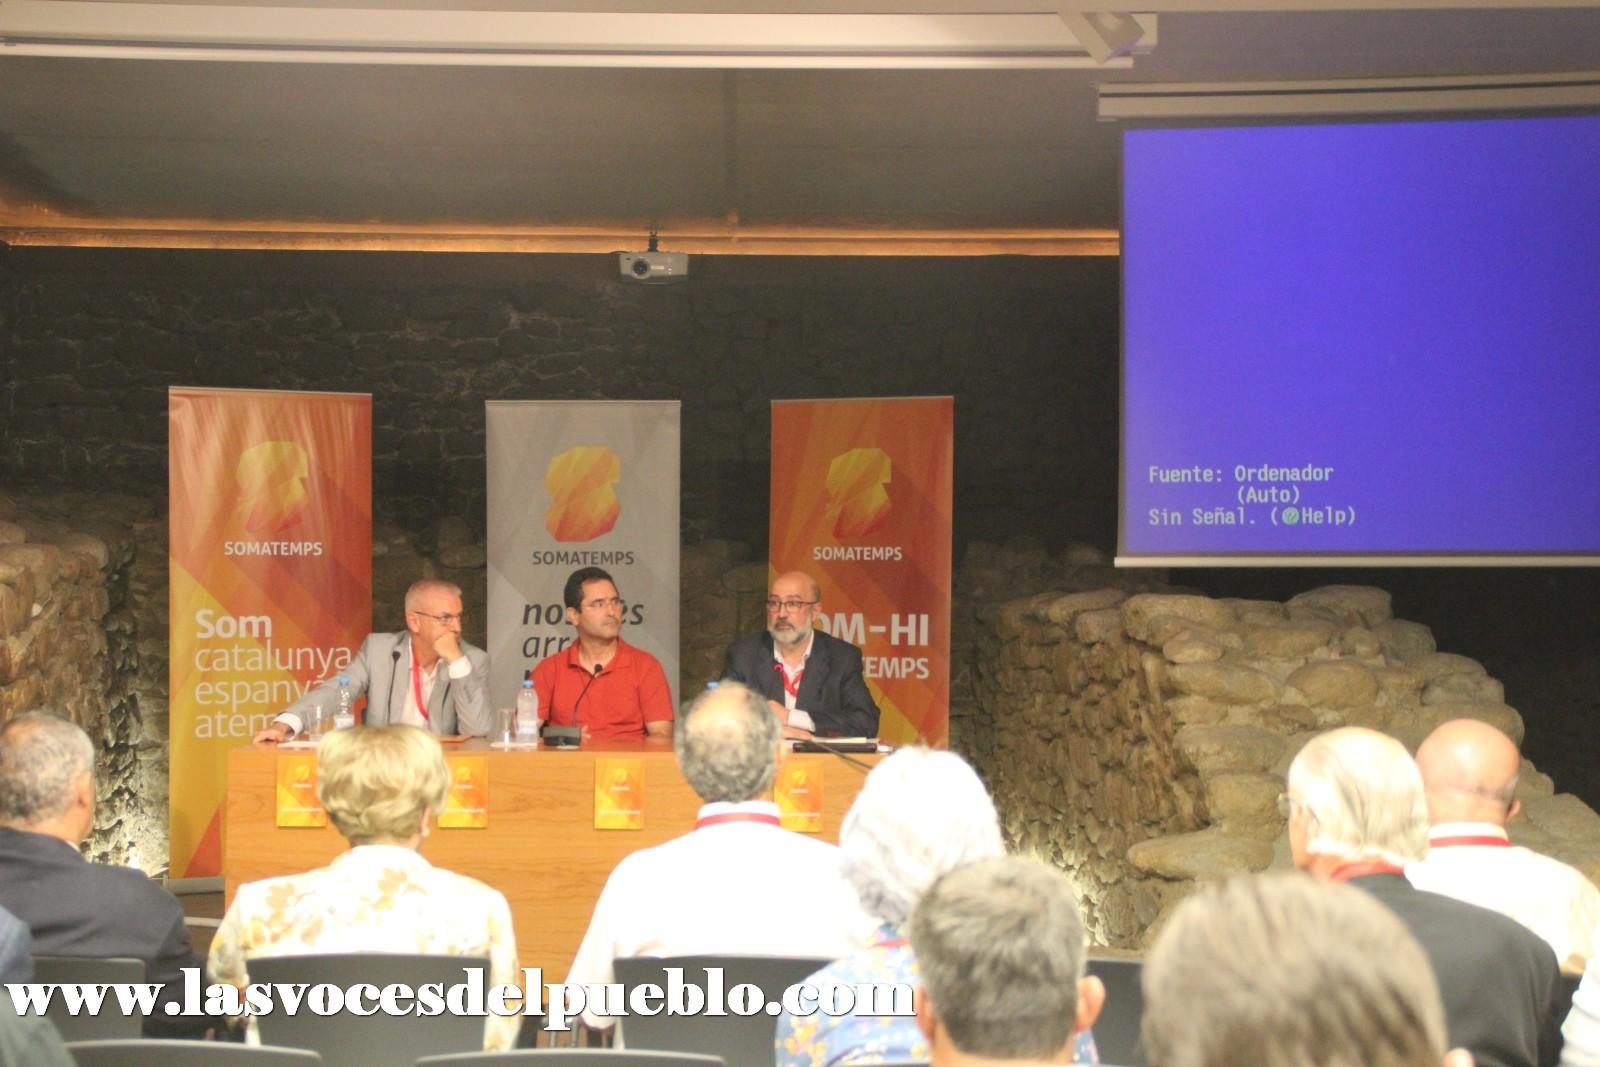 las voces del pueblo_I Congreso de Somatemps_Ripoll_Gerona (27)